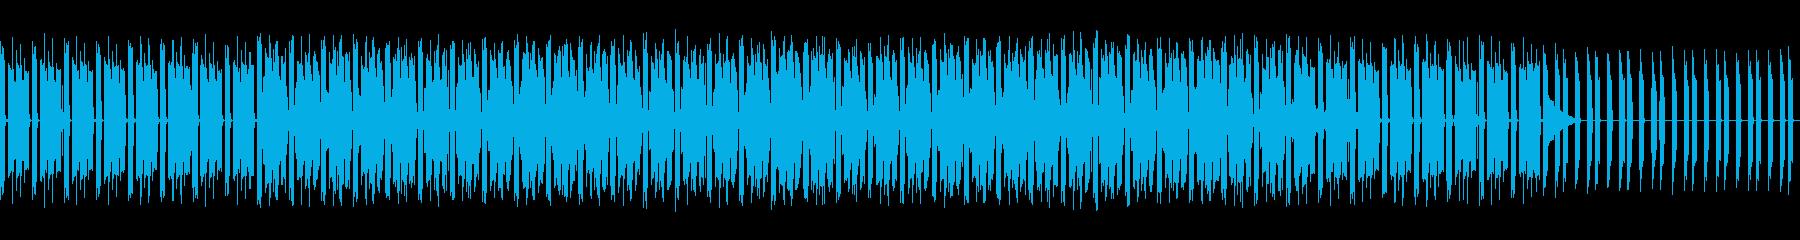 頭を使うシーンなどに EDMの再生済みの波形